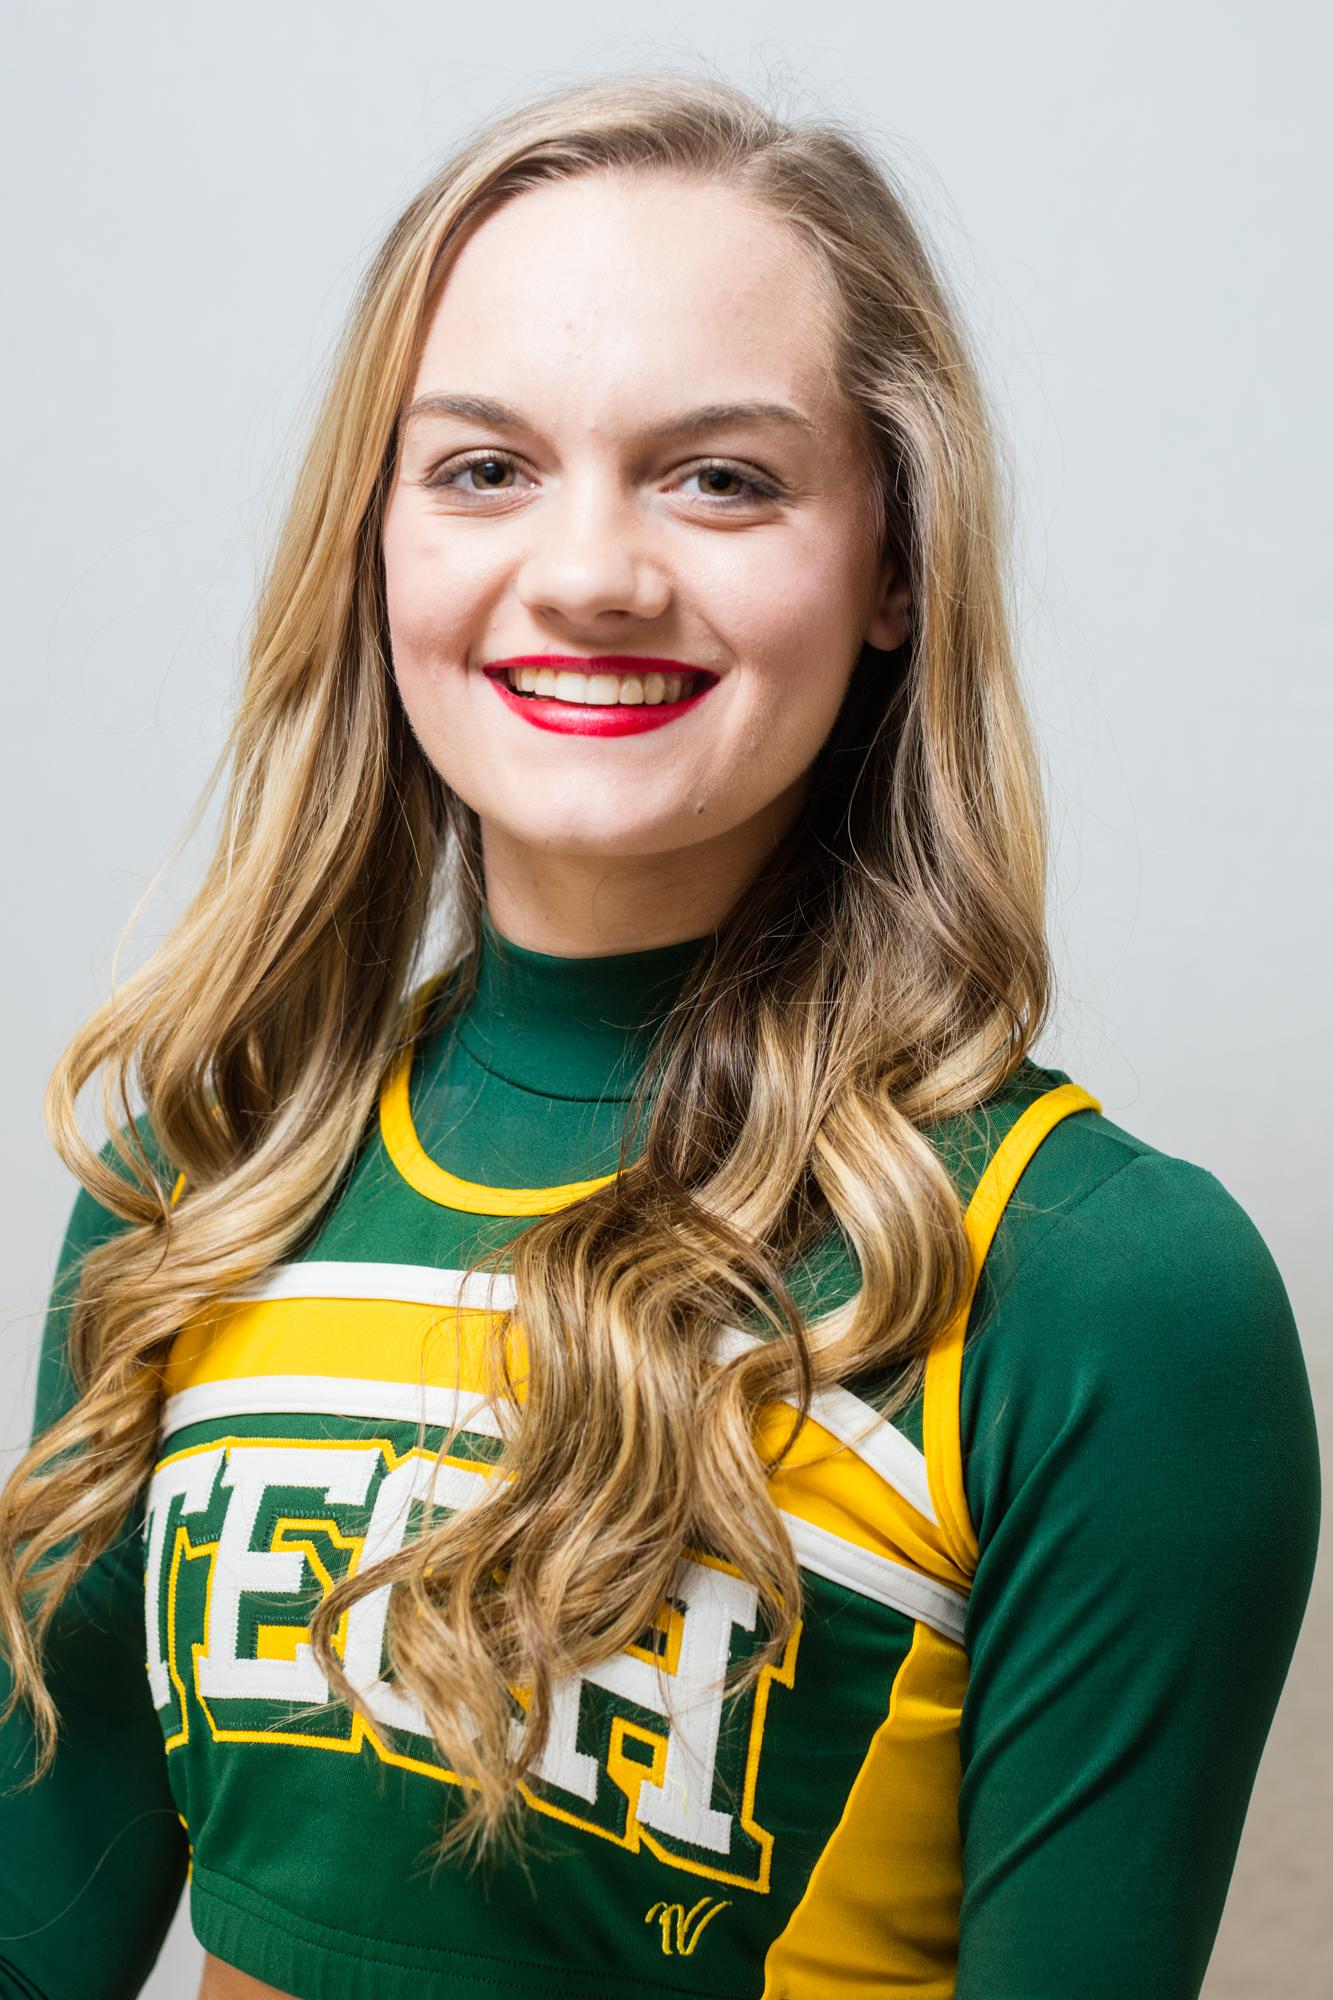 Cheerleading Arkansas Tech University